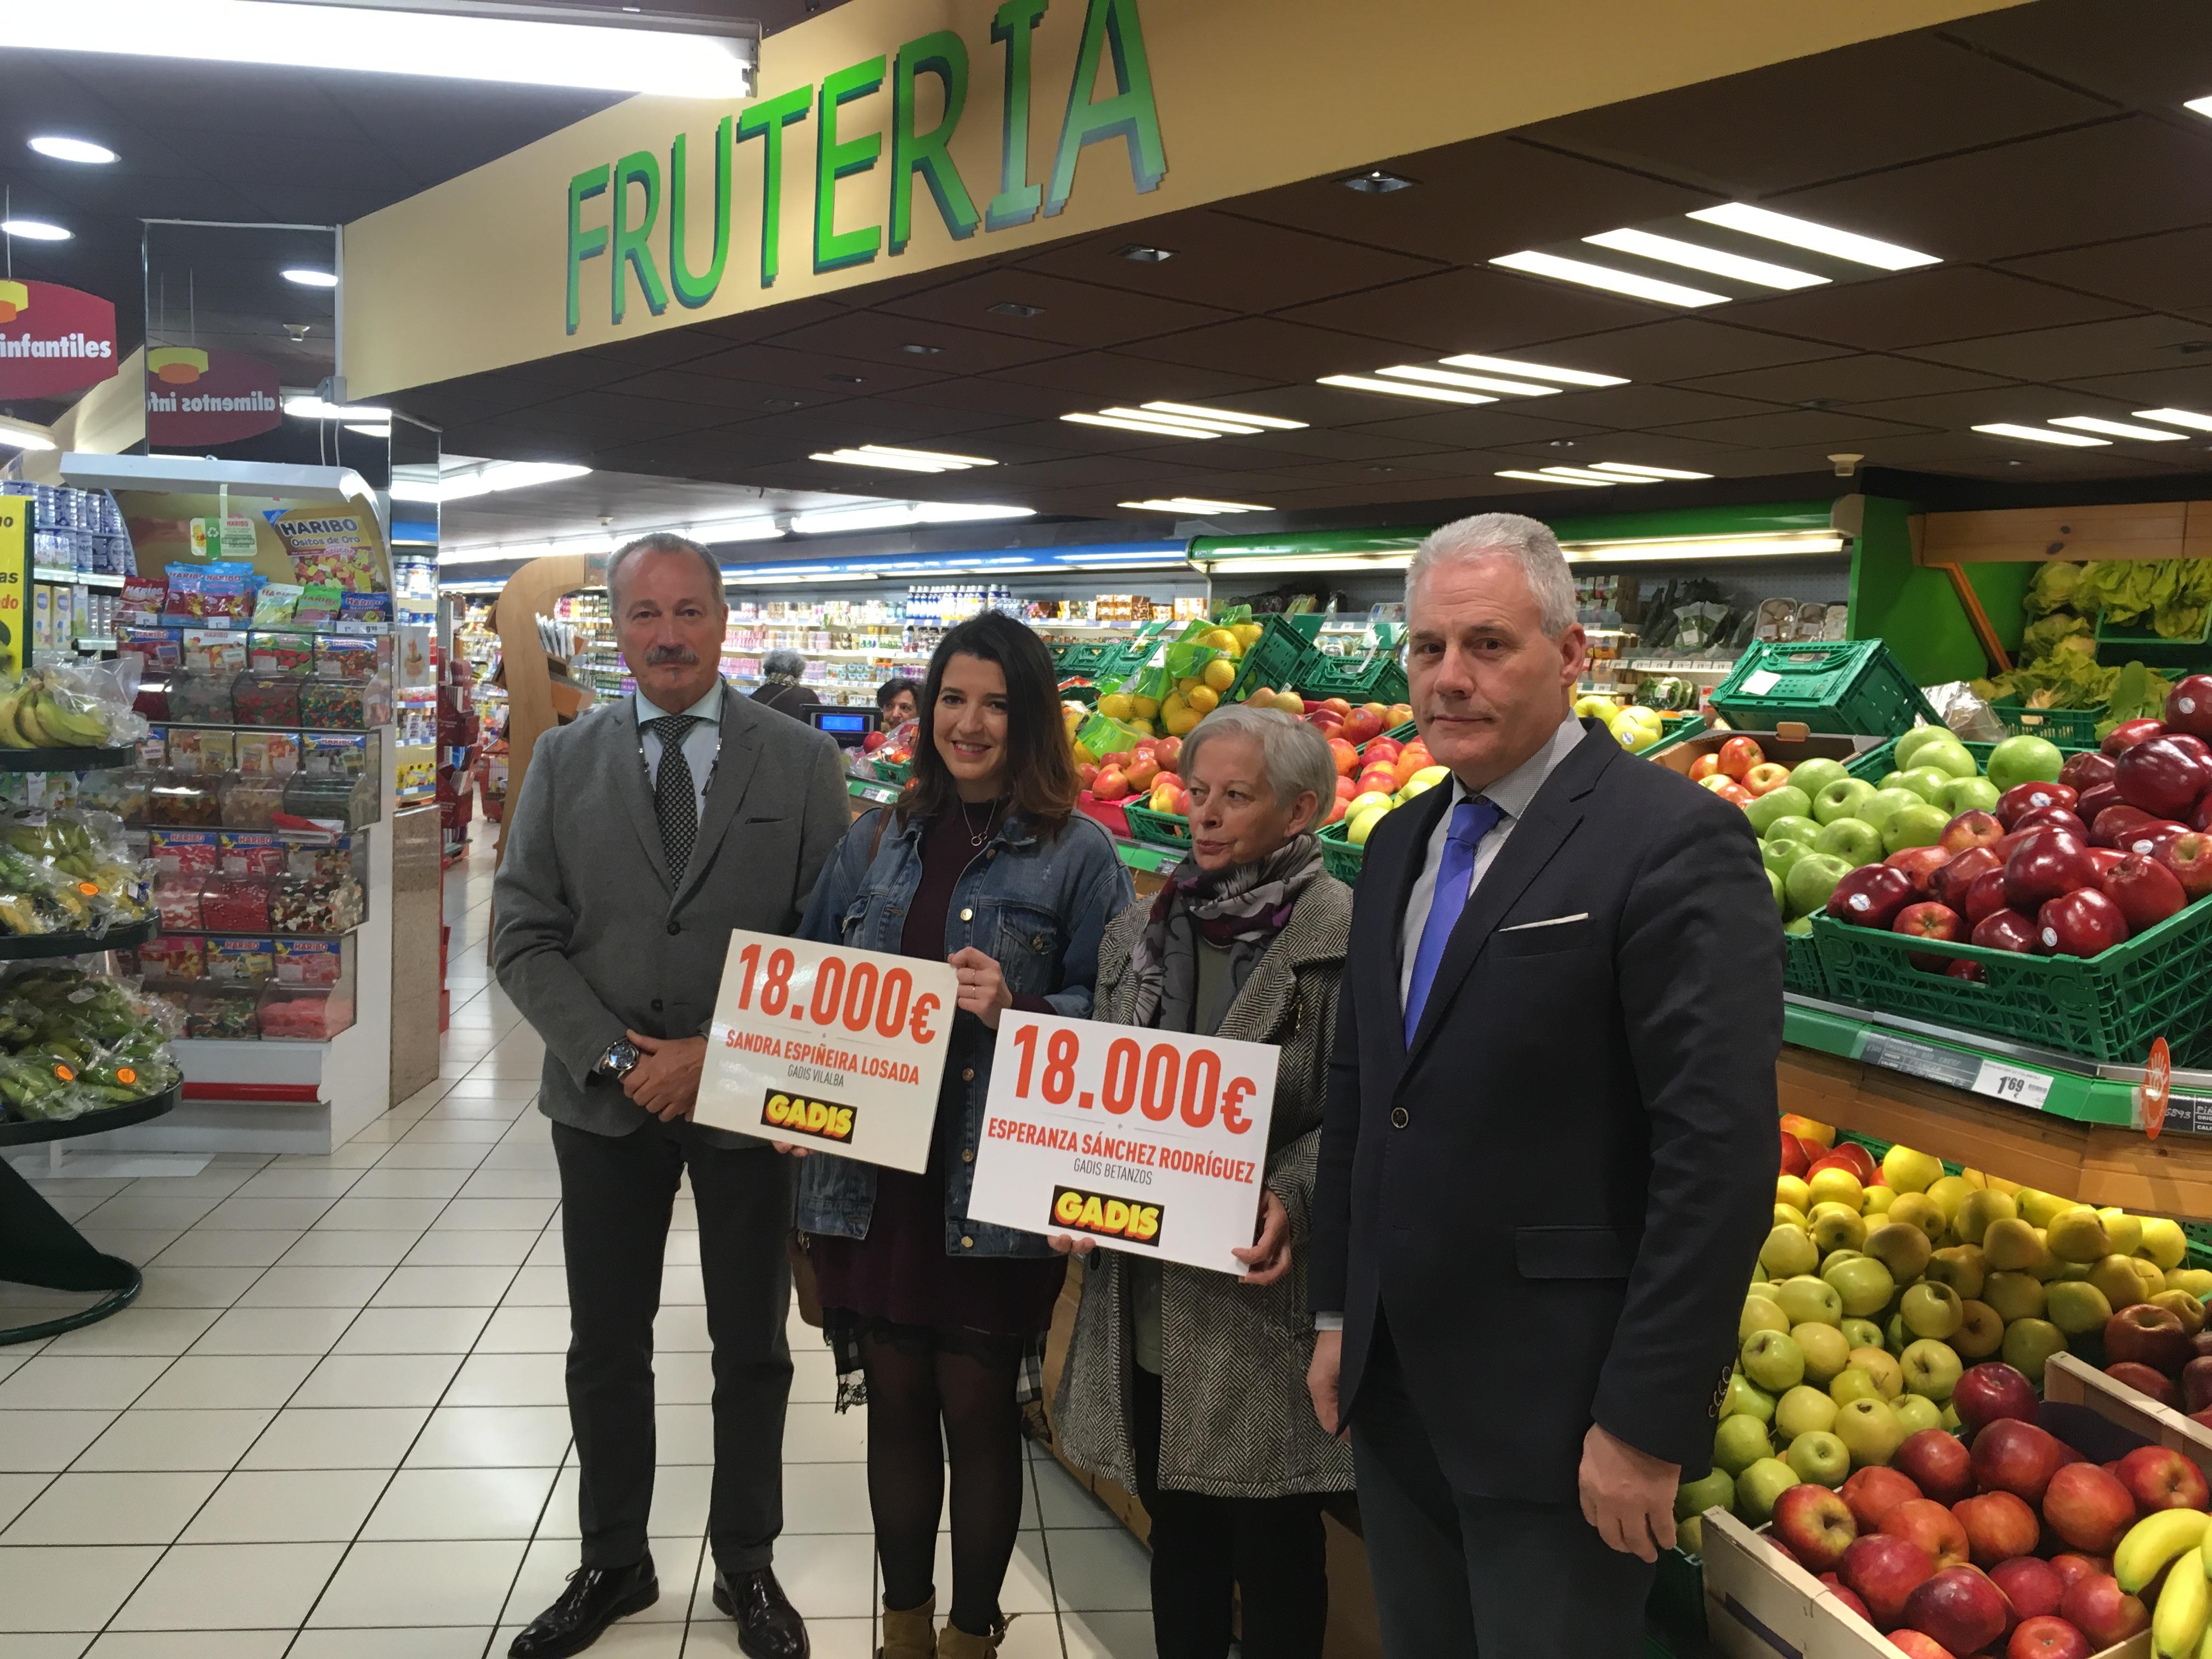 GADIS ENTREGA 36.000 EUROS EN DOS SUELDOS MENSUALES DURANTE UN AÑO TRAS UNA EXITOSA PROMOCIÓN EN GALICIA Y CASTILLA Y LEÓN